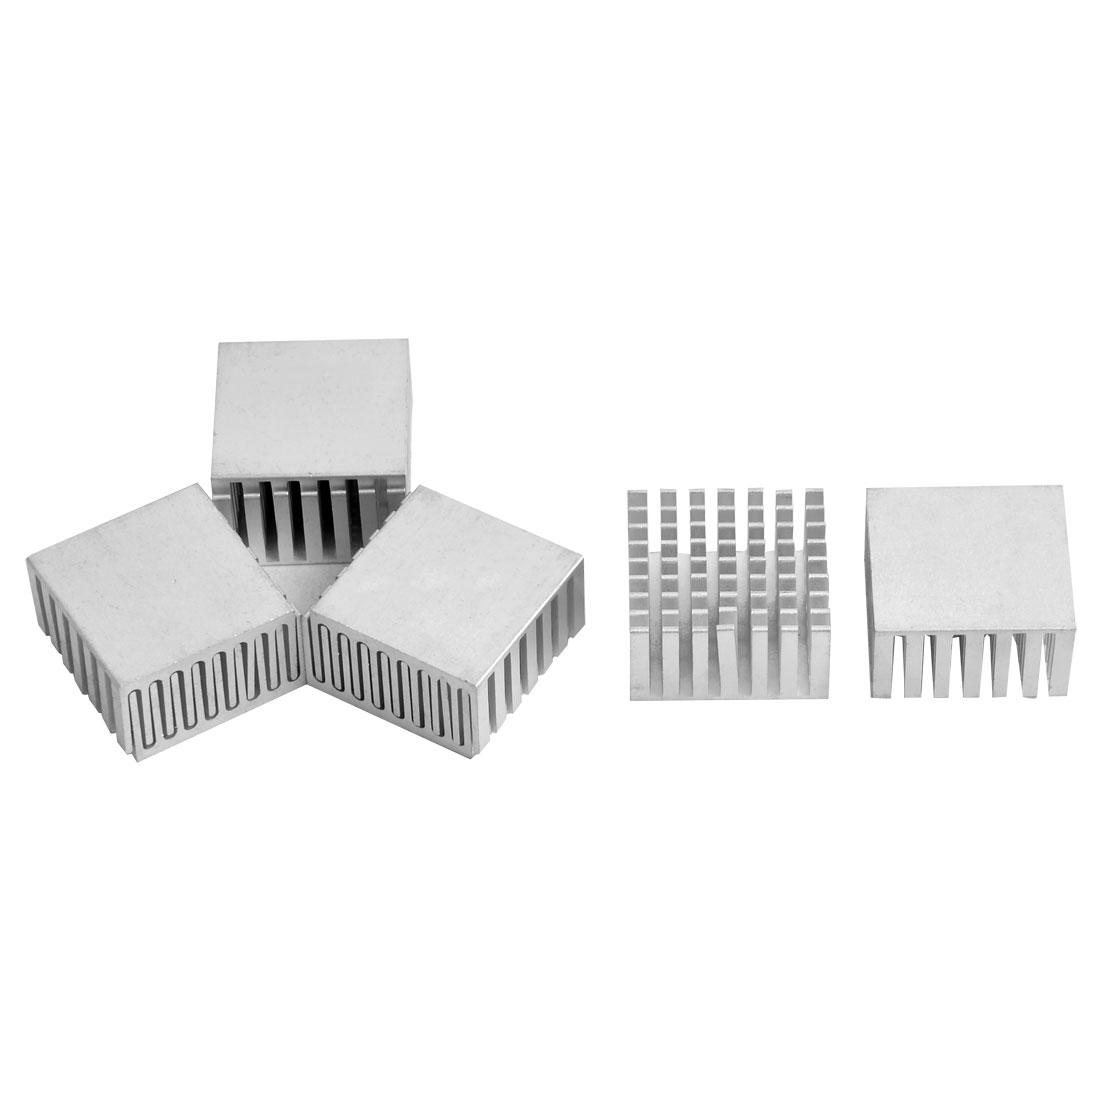 Aluminium Heat Diffuse Cooling Fin Cooler Silver Tone 28mm x 28mm x 15mm 8 Pcs